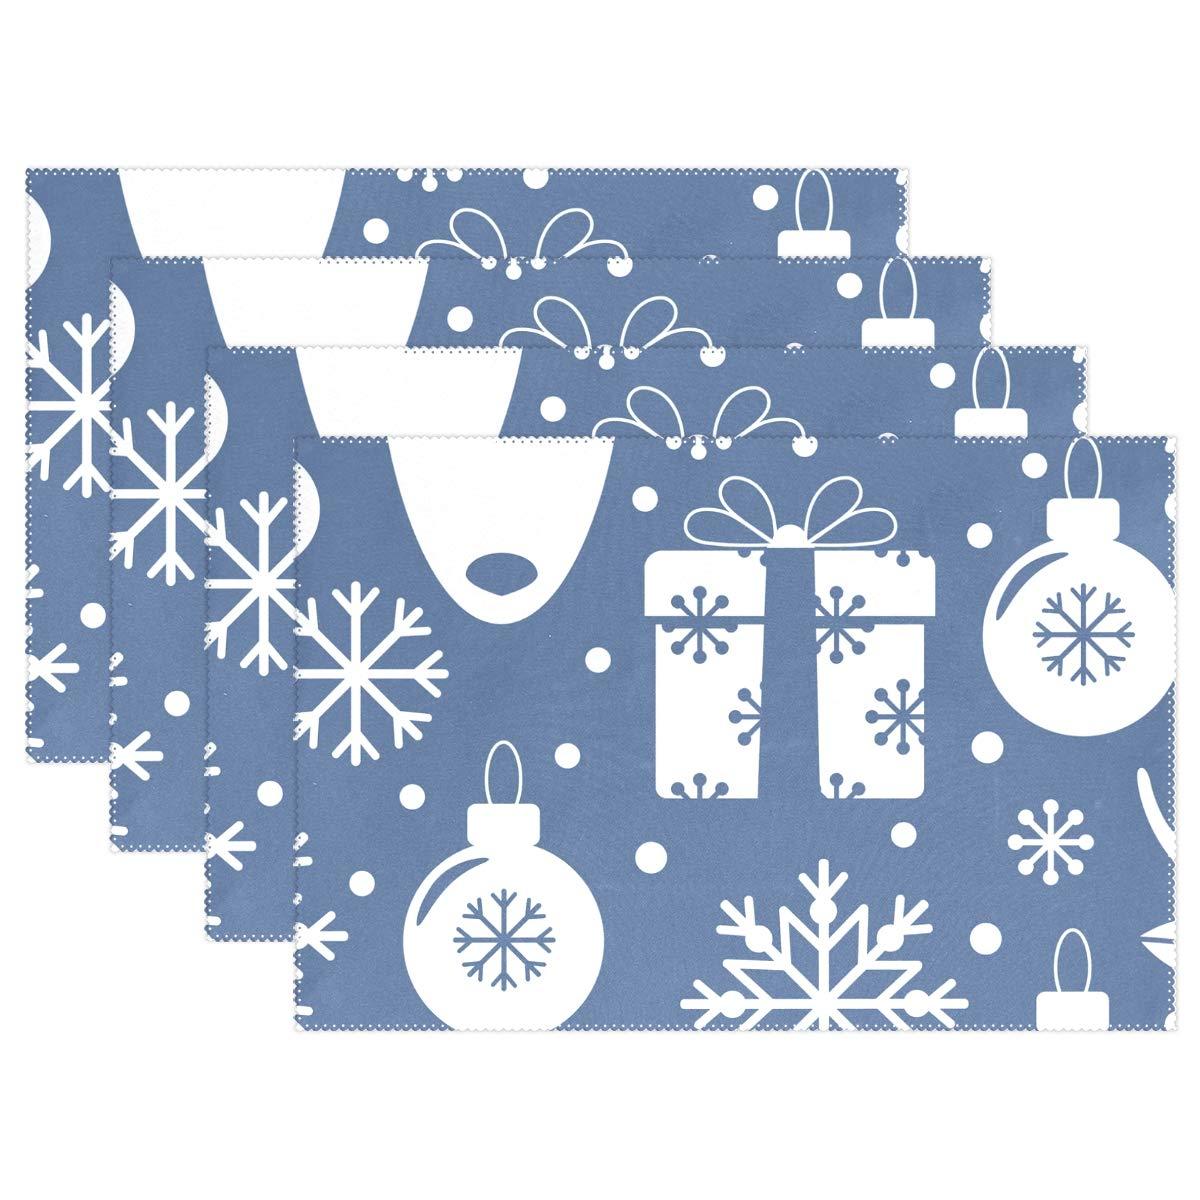 スーパー3Dプリント ハッピークリスマス プレースマット テーブルマット 12インチ x 18インチ ポリエステル キッチンダイニングルーム用プレースマット 1枚 12x18x1 in ホワイト g11992253p145c160s236 12x18x1 in  B07KF7FSS3